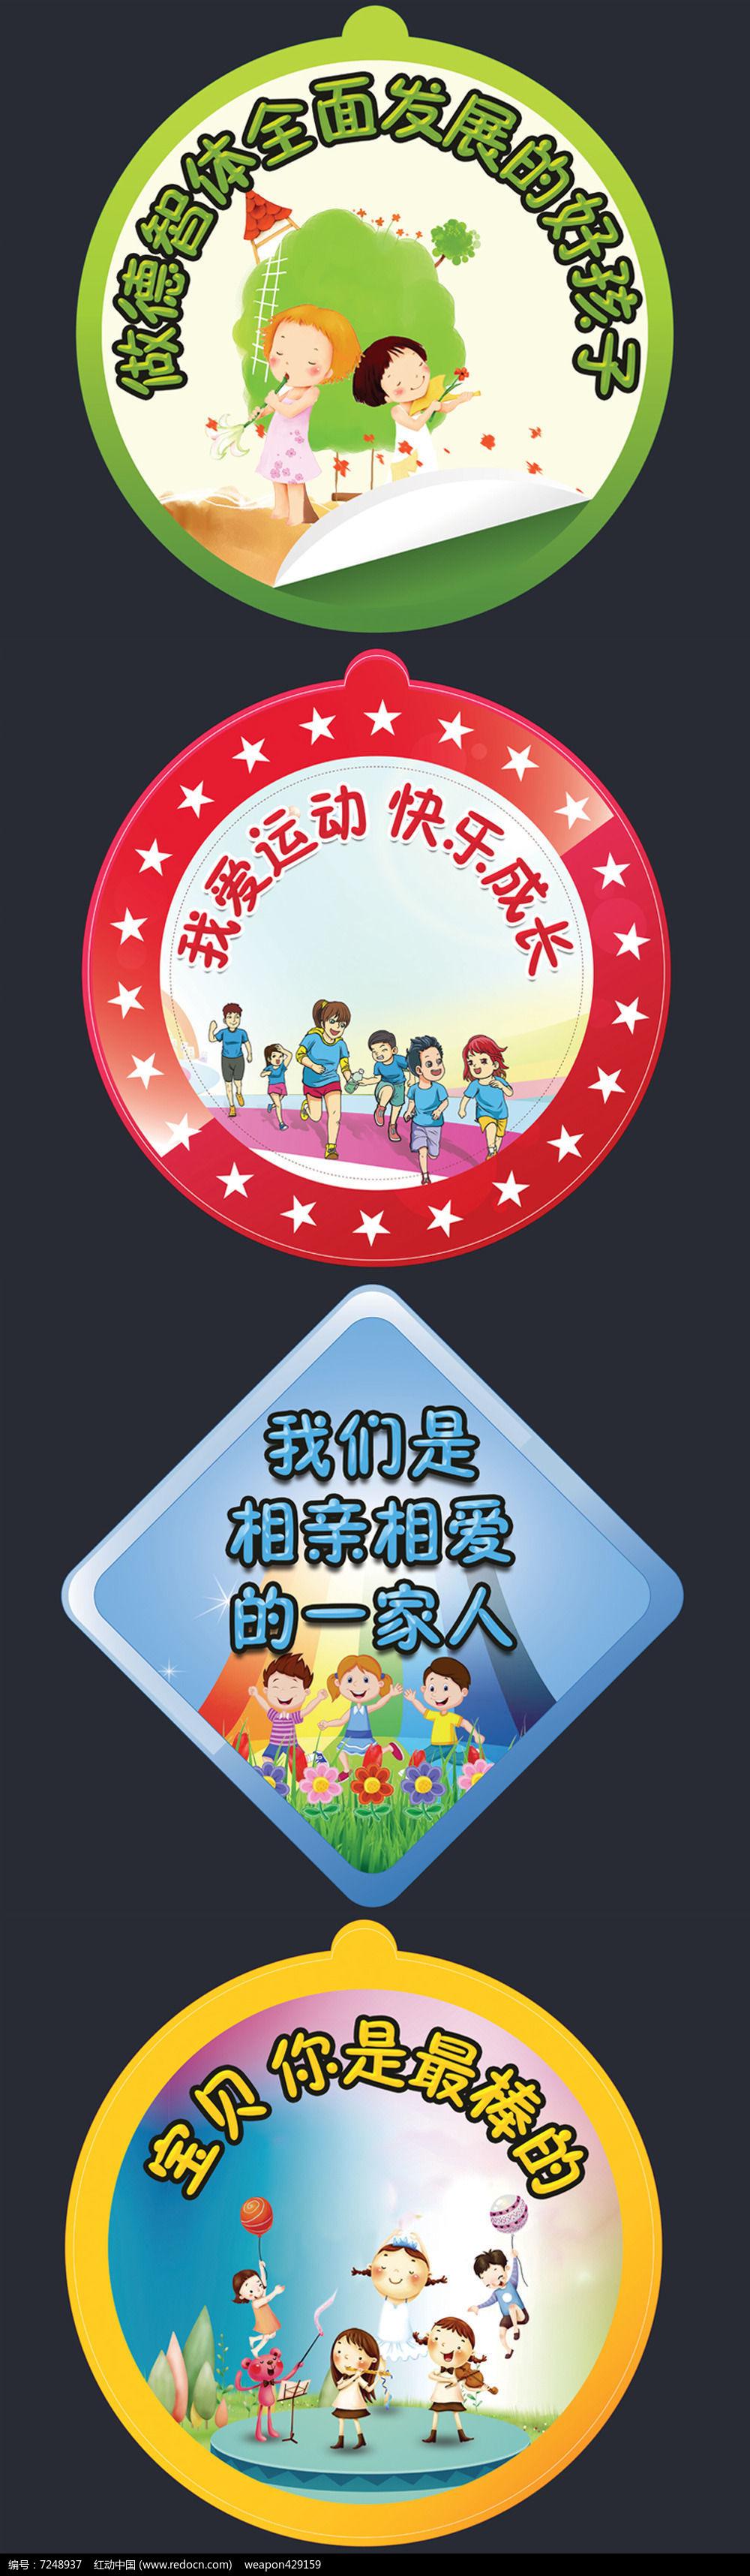 创意幼儿园安全文明礼仪标语提示牌图片